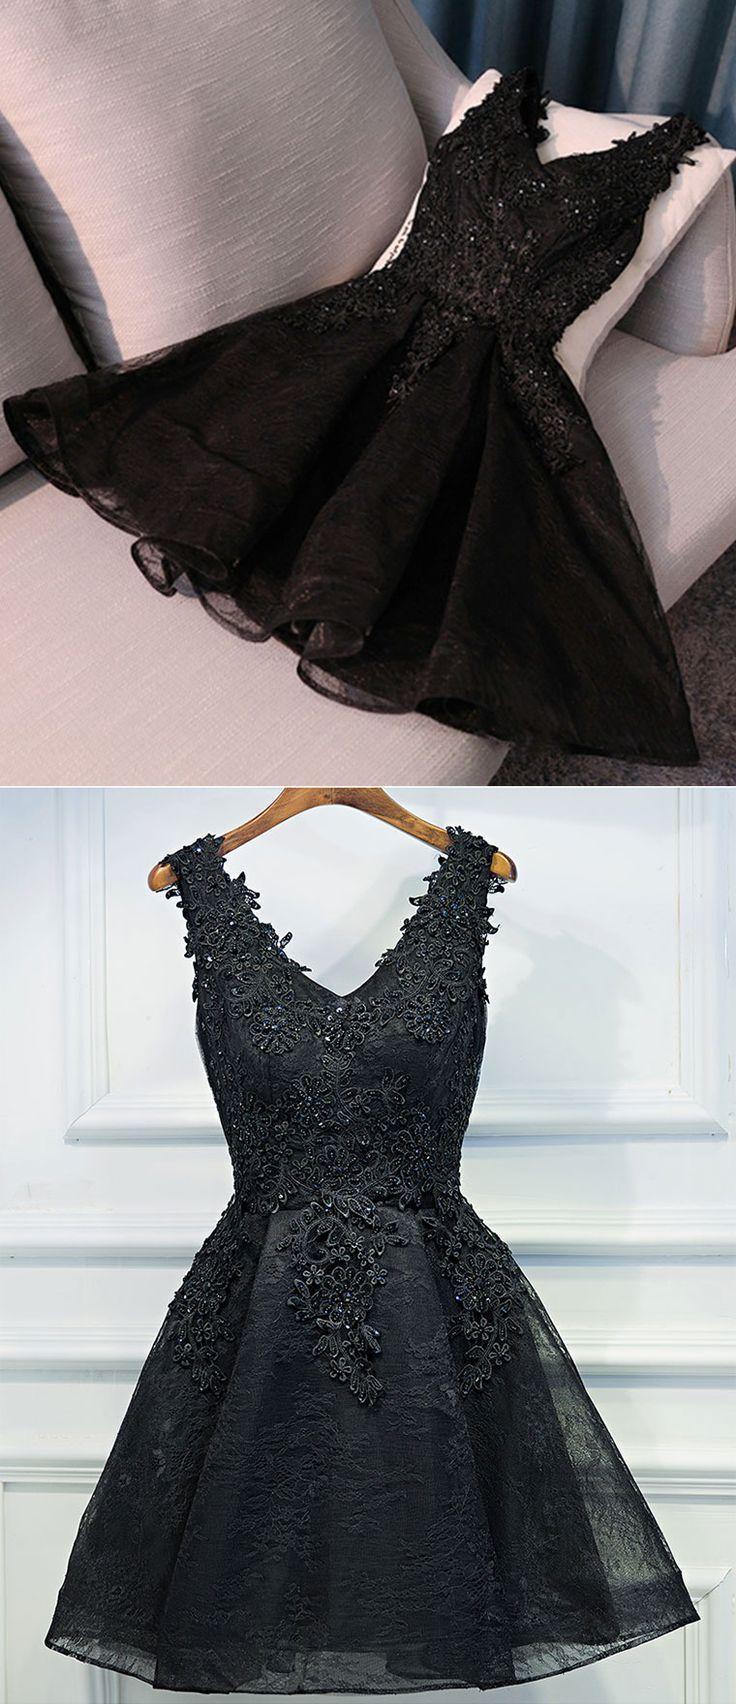 abschlussballkleid kurzes schwarze spitze schwarze spitze